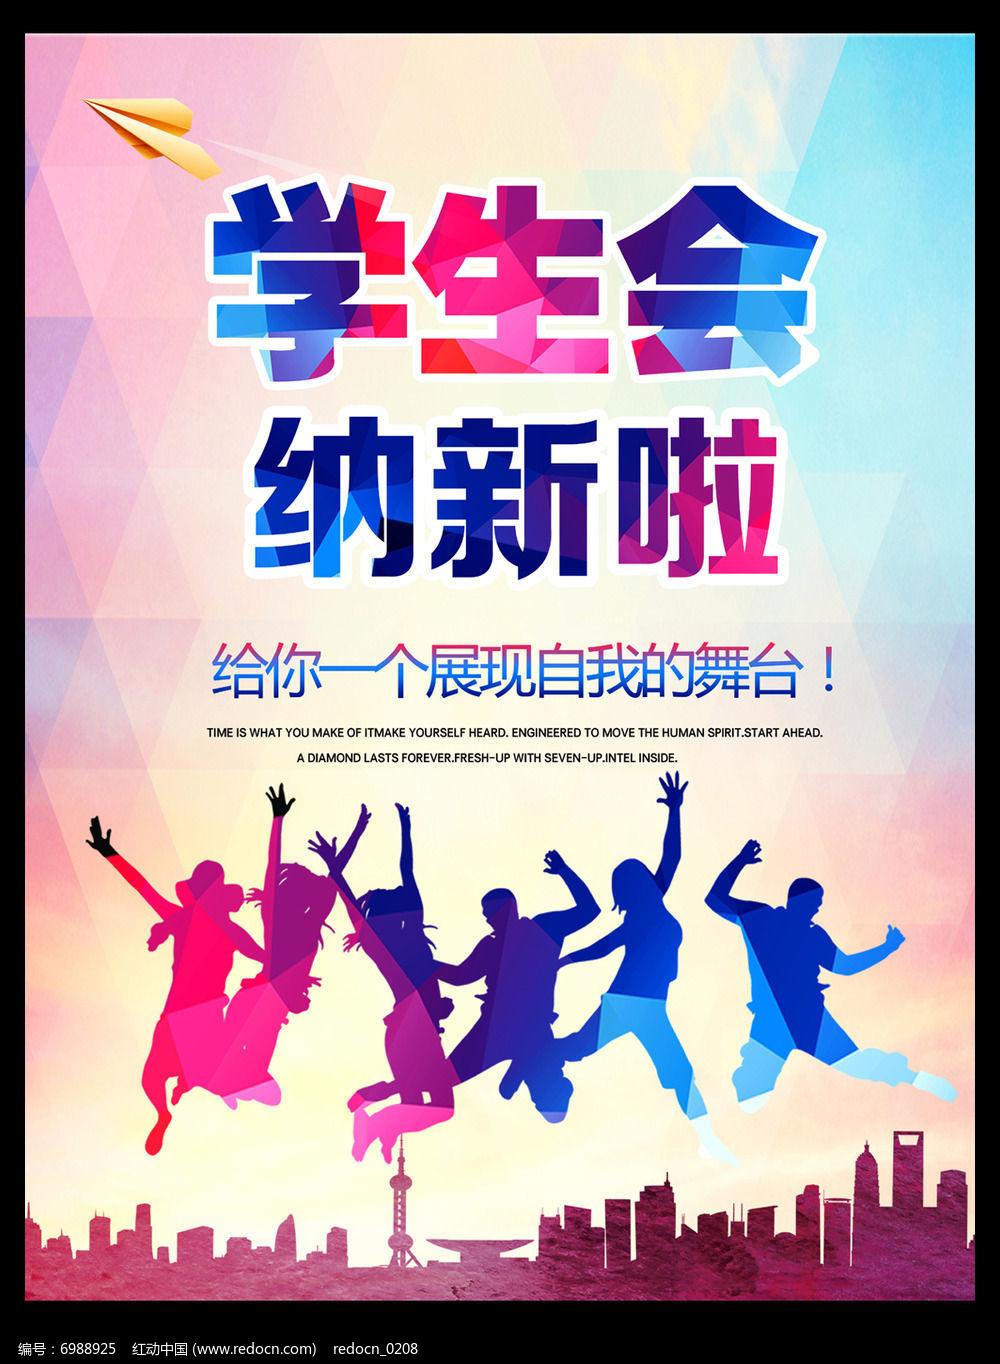 免费flash网站模板_学生会纳新海报图片_海报设计_编号6988925_红动中国